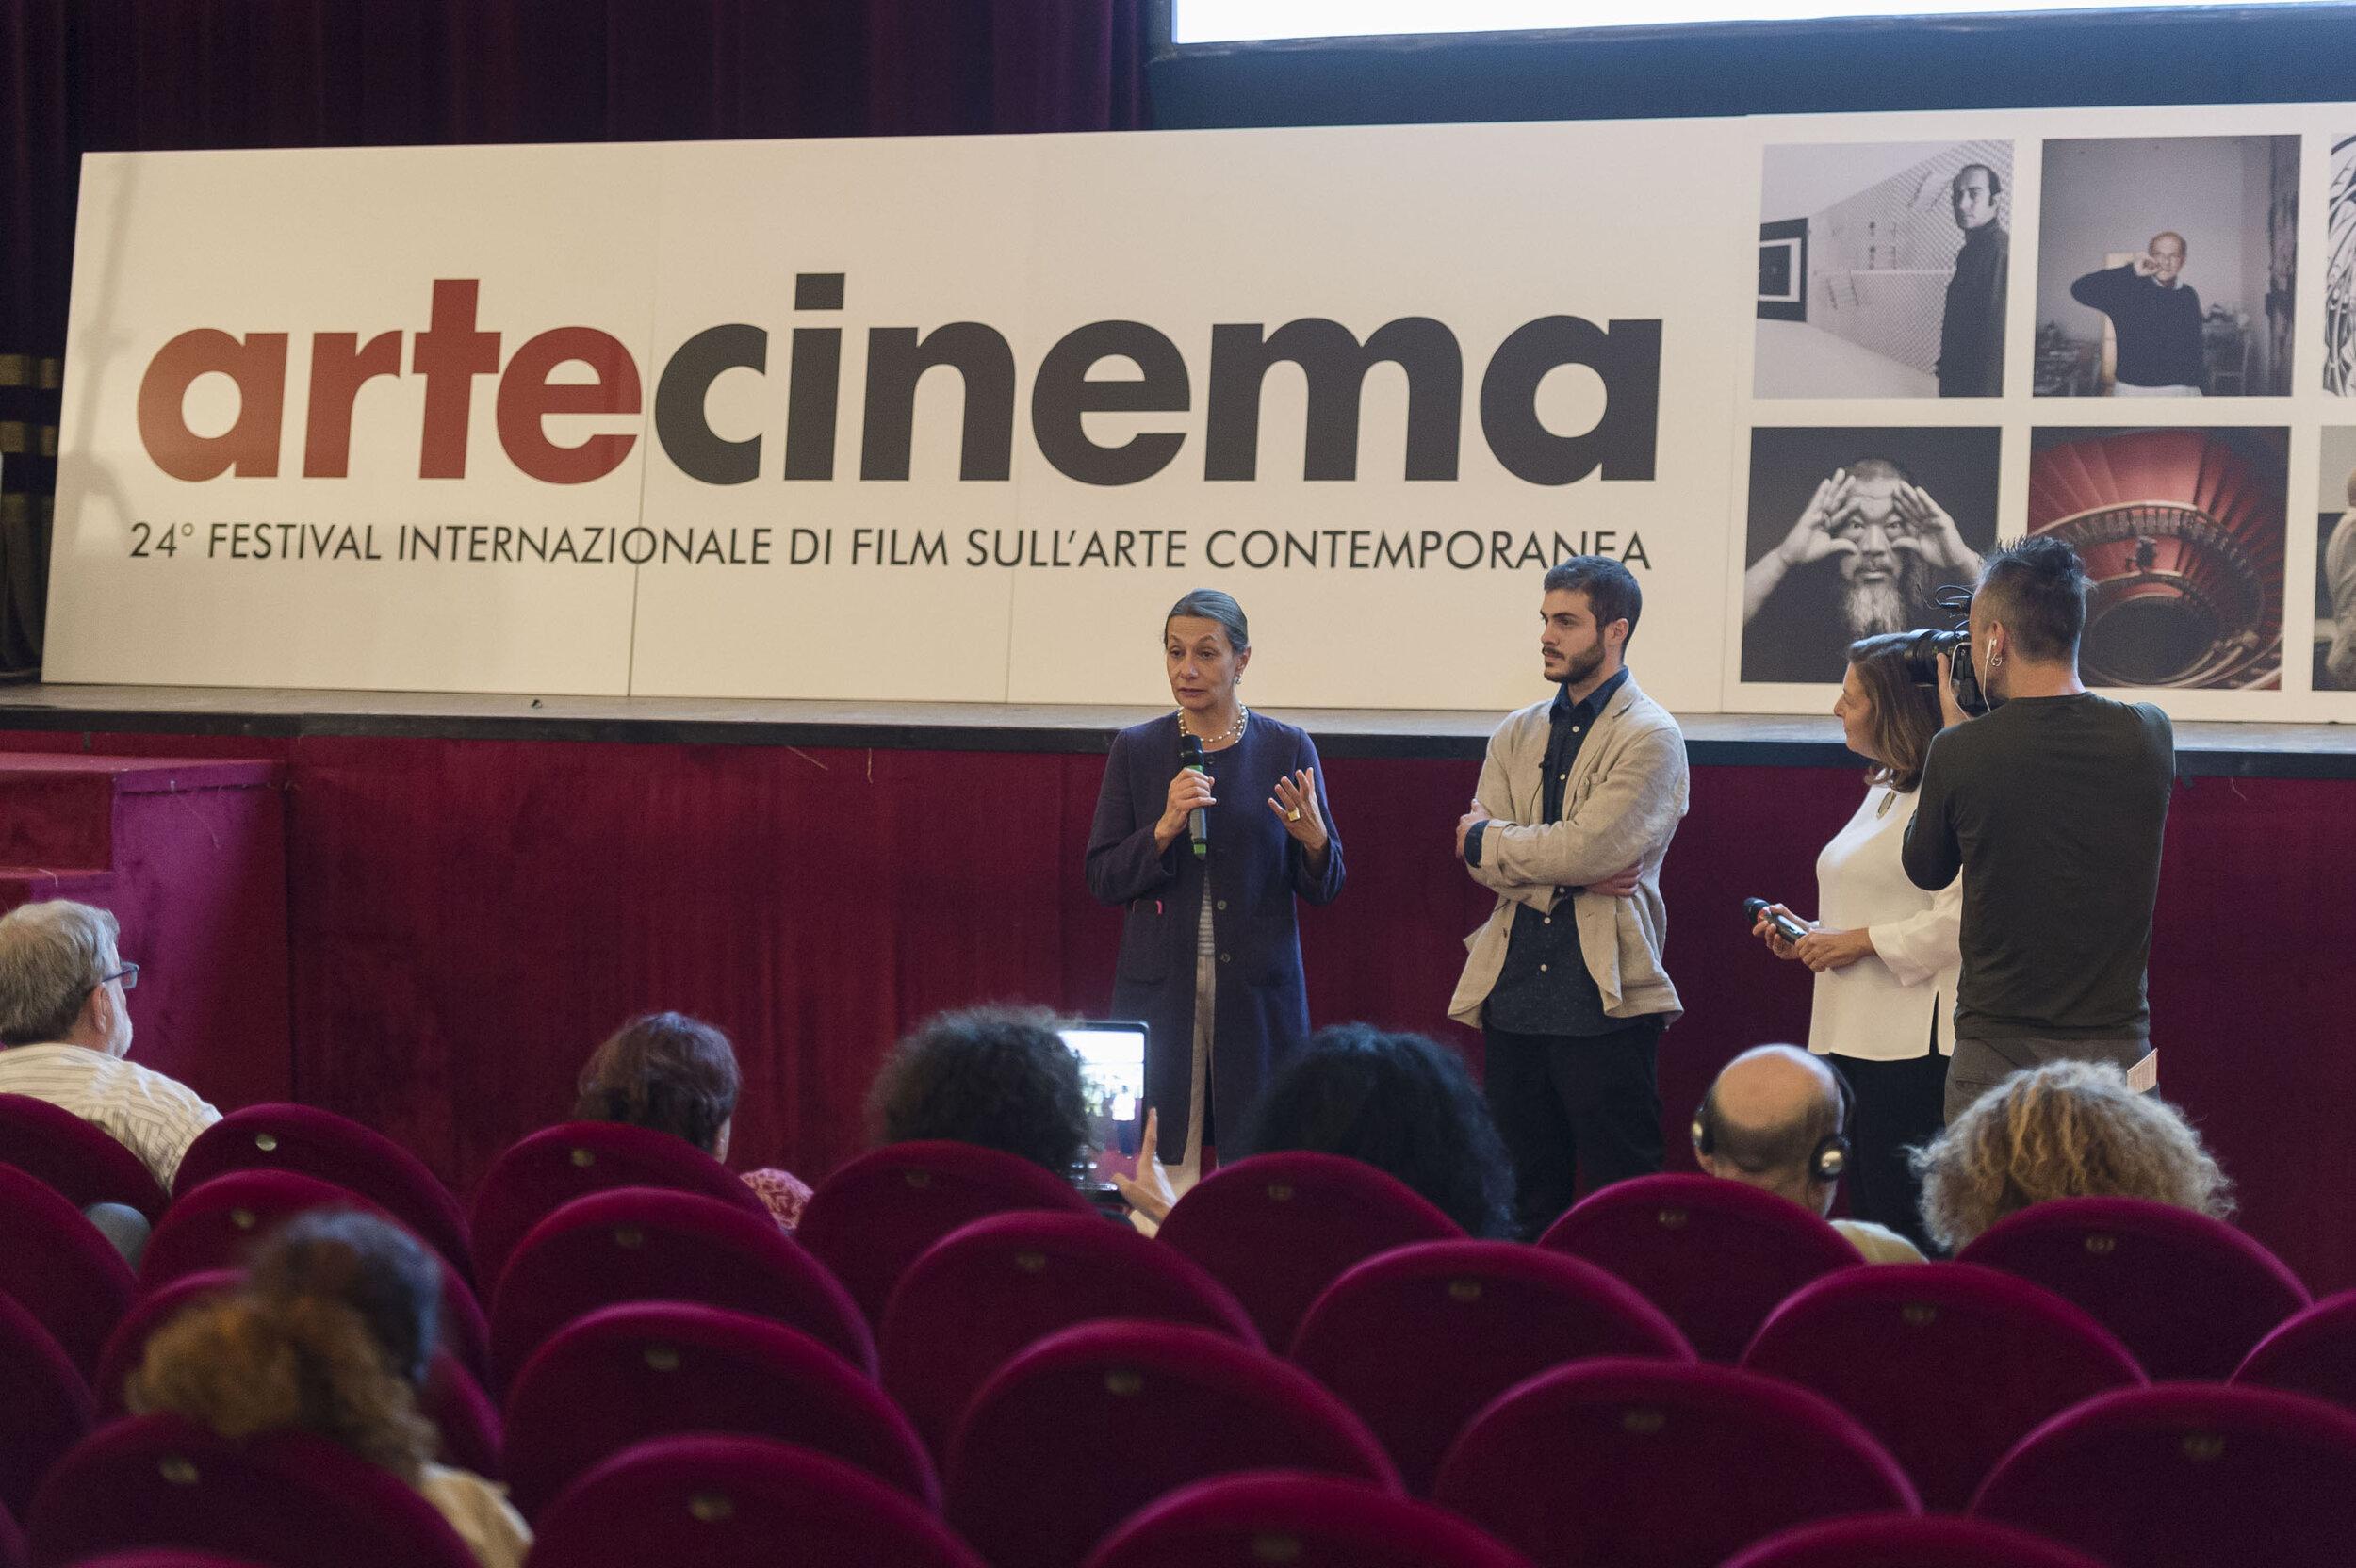 Artecinema 2019_ph Francesco Squeglia_9494.jpg